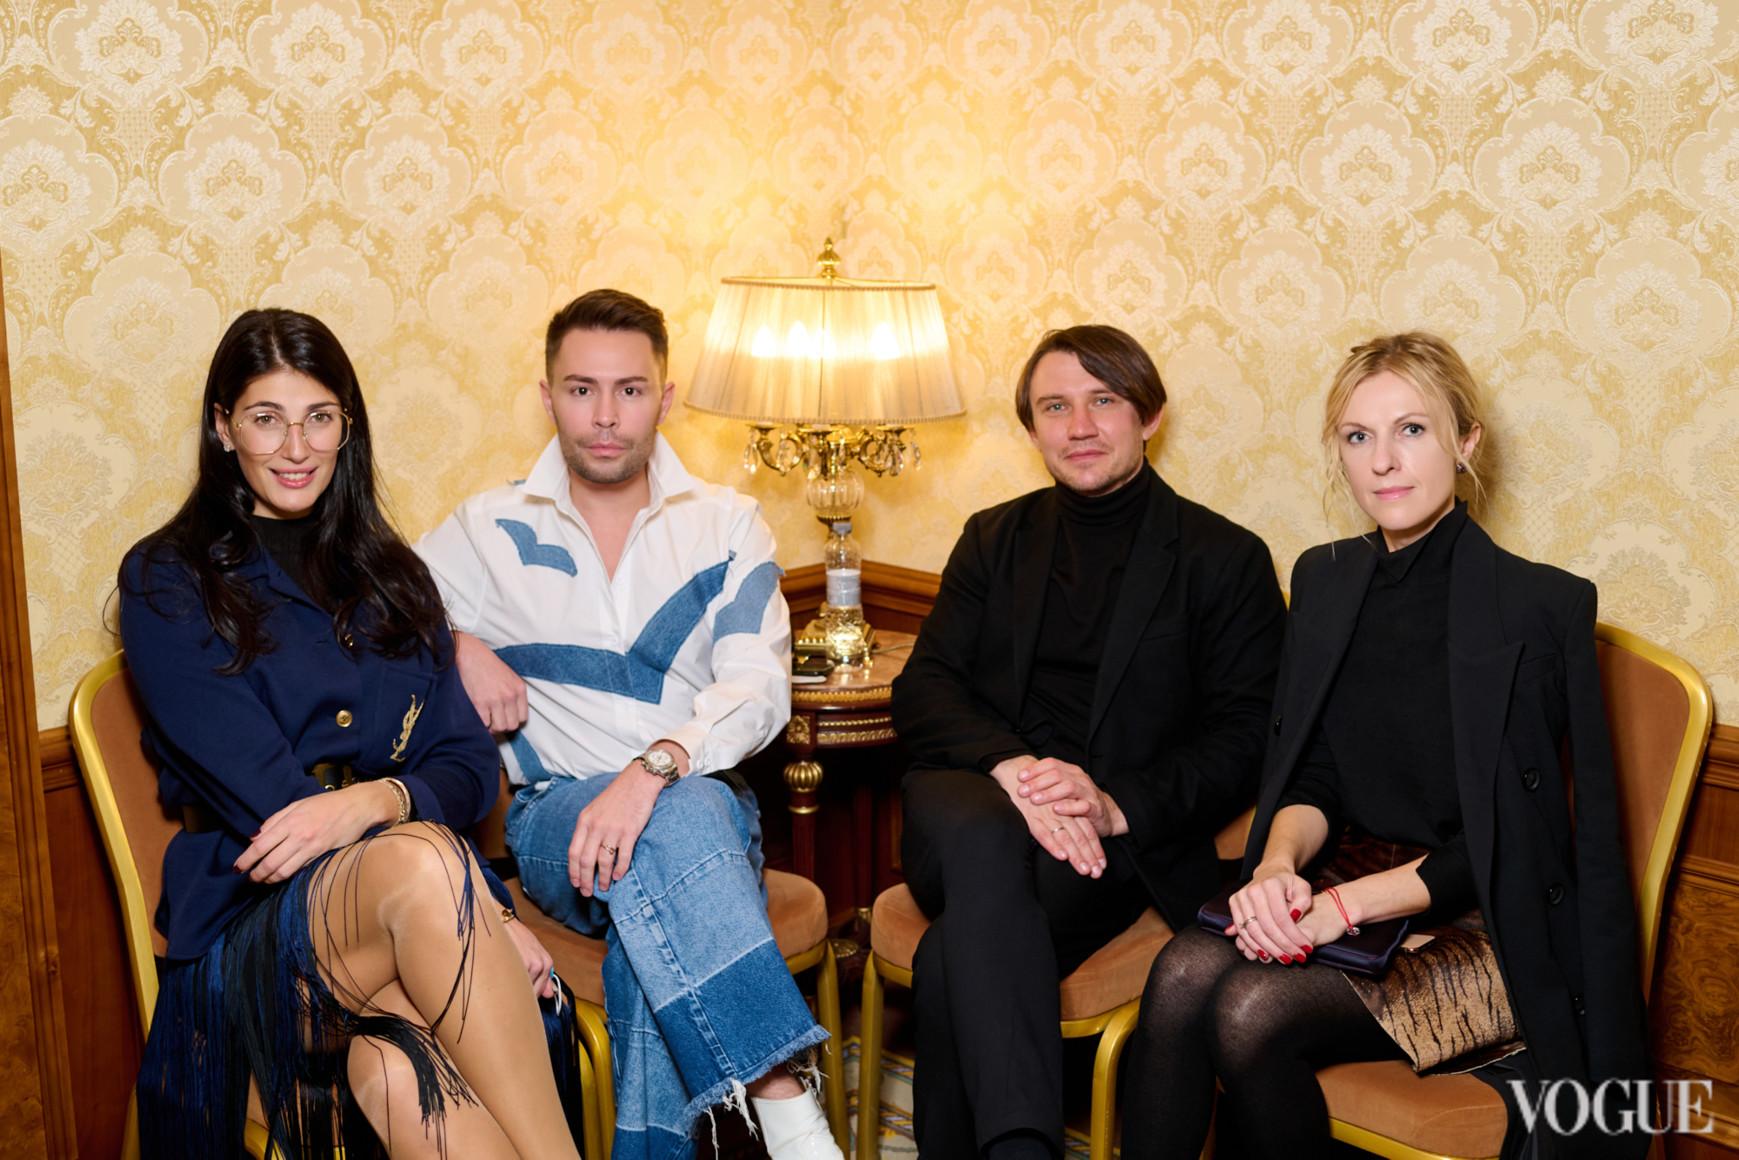 Ольга Джарты, Алексей Прищепа, Александр Бреус и Юлия Костецкая